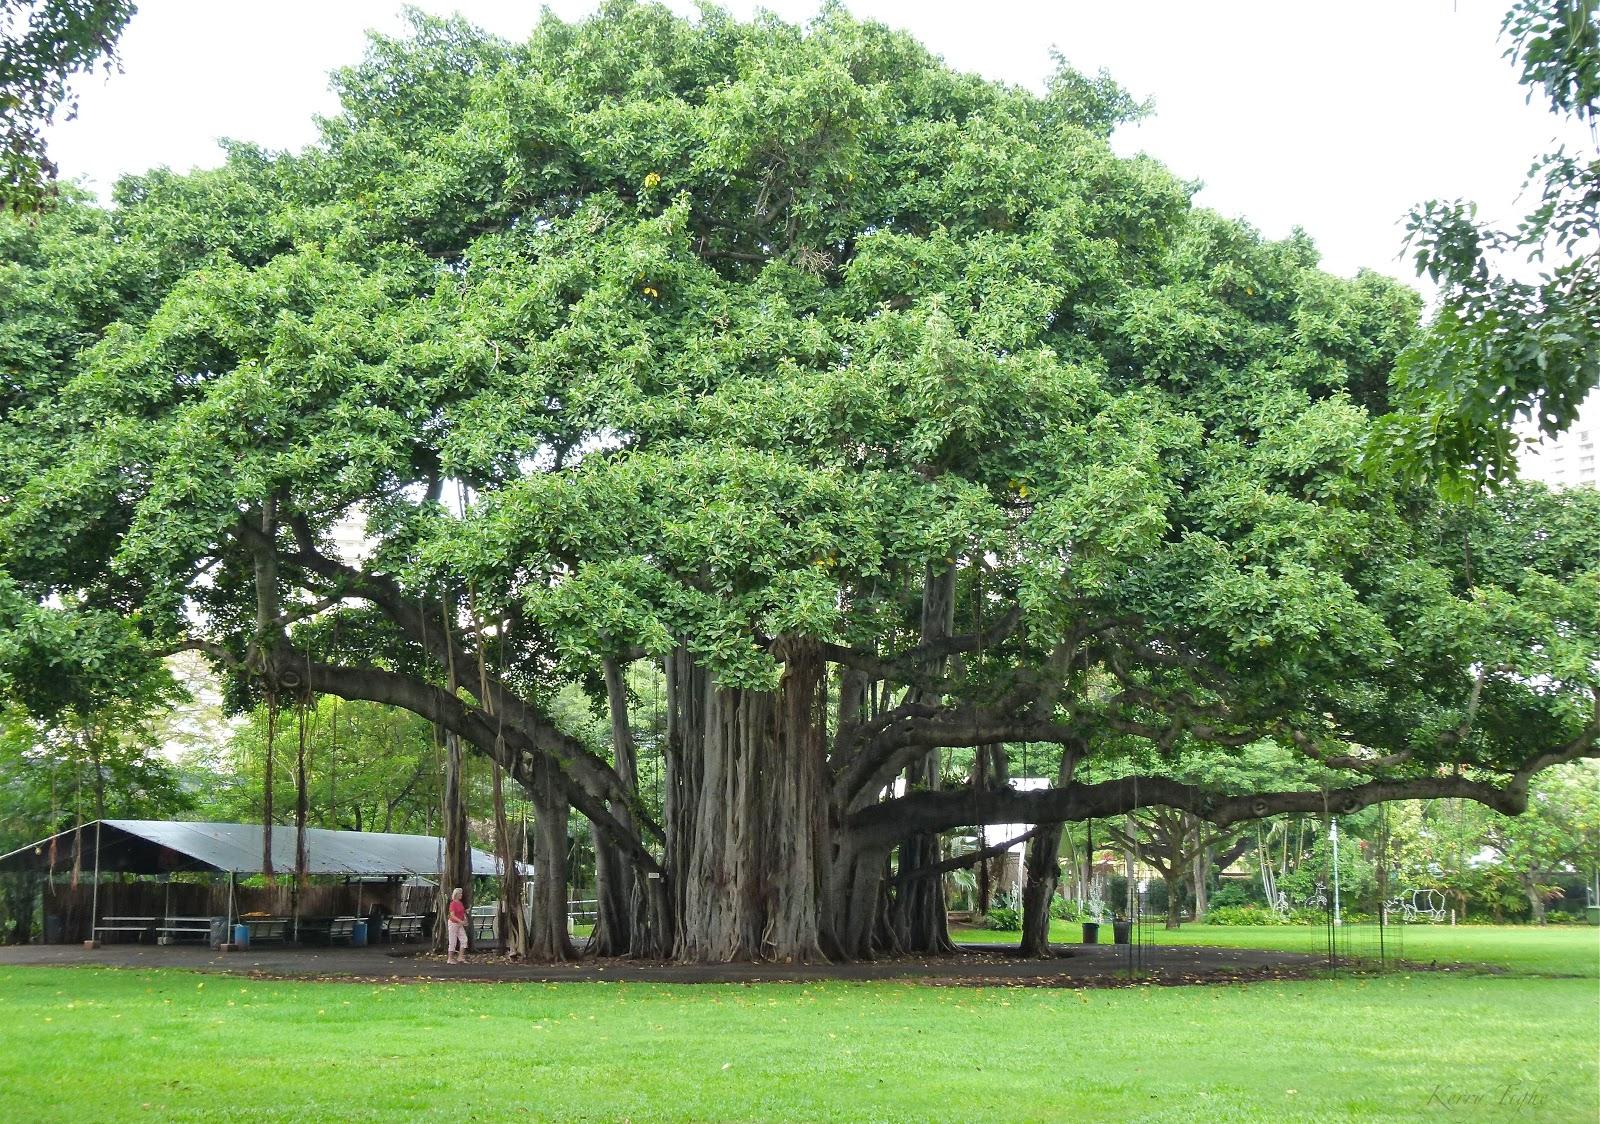 ARTipelago: Beautiful Banyan Trees - 805.2KB